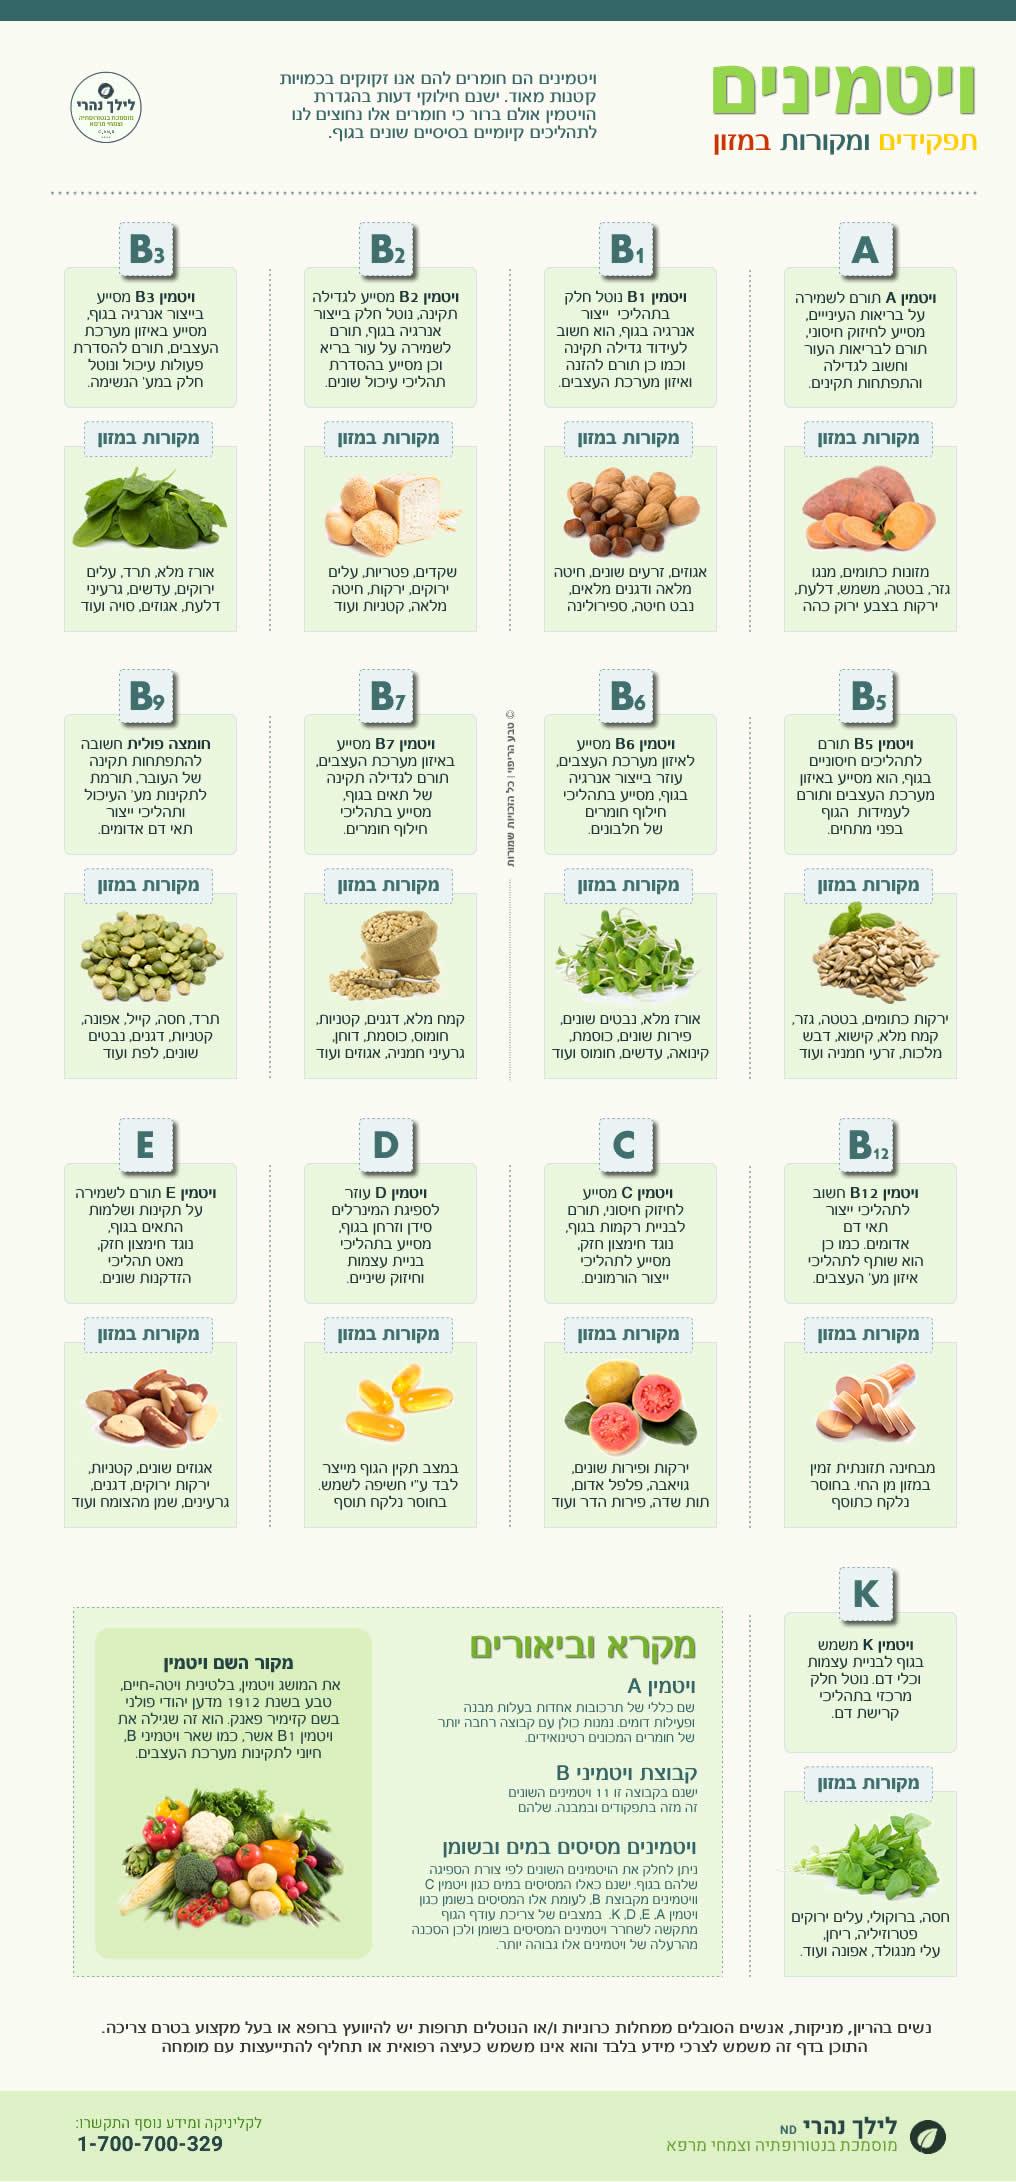 ויטמינים - תפקידים ומקורות במזון